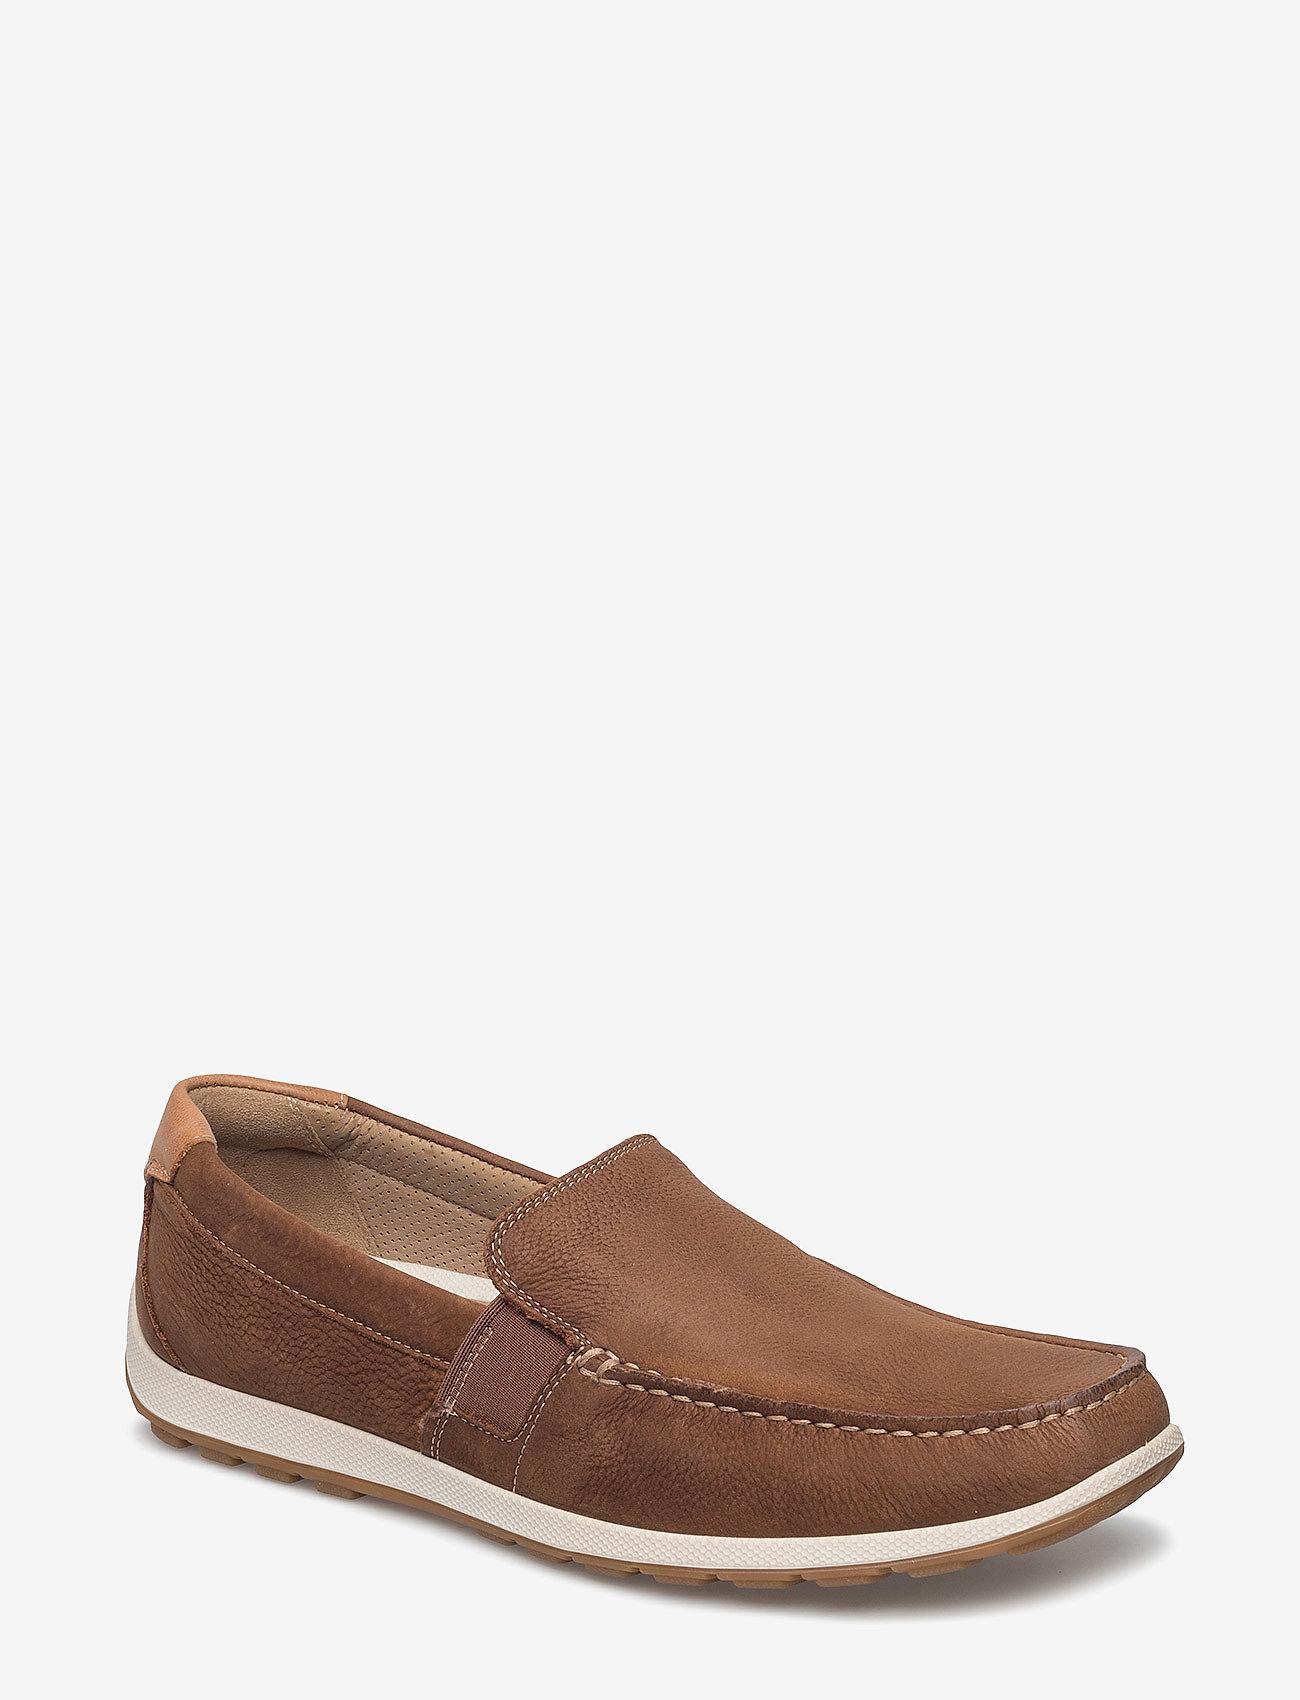 ECCO - RECIPRICO - loafers - mahogany - 0